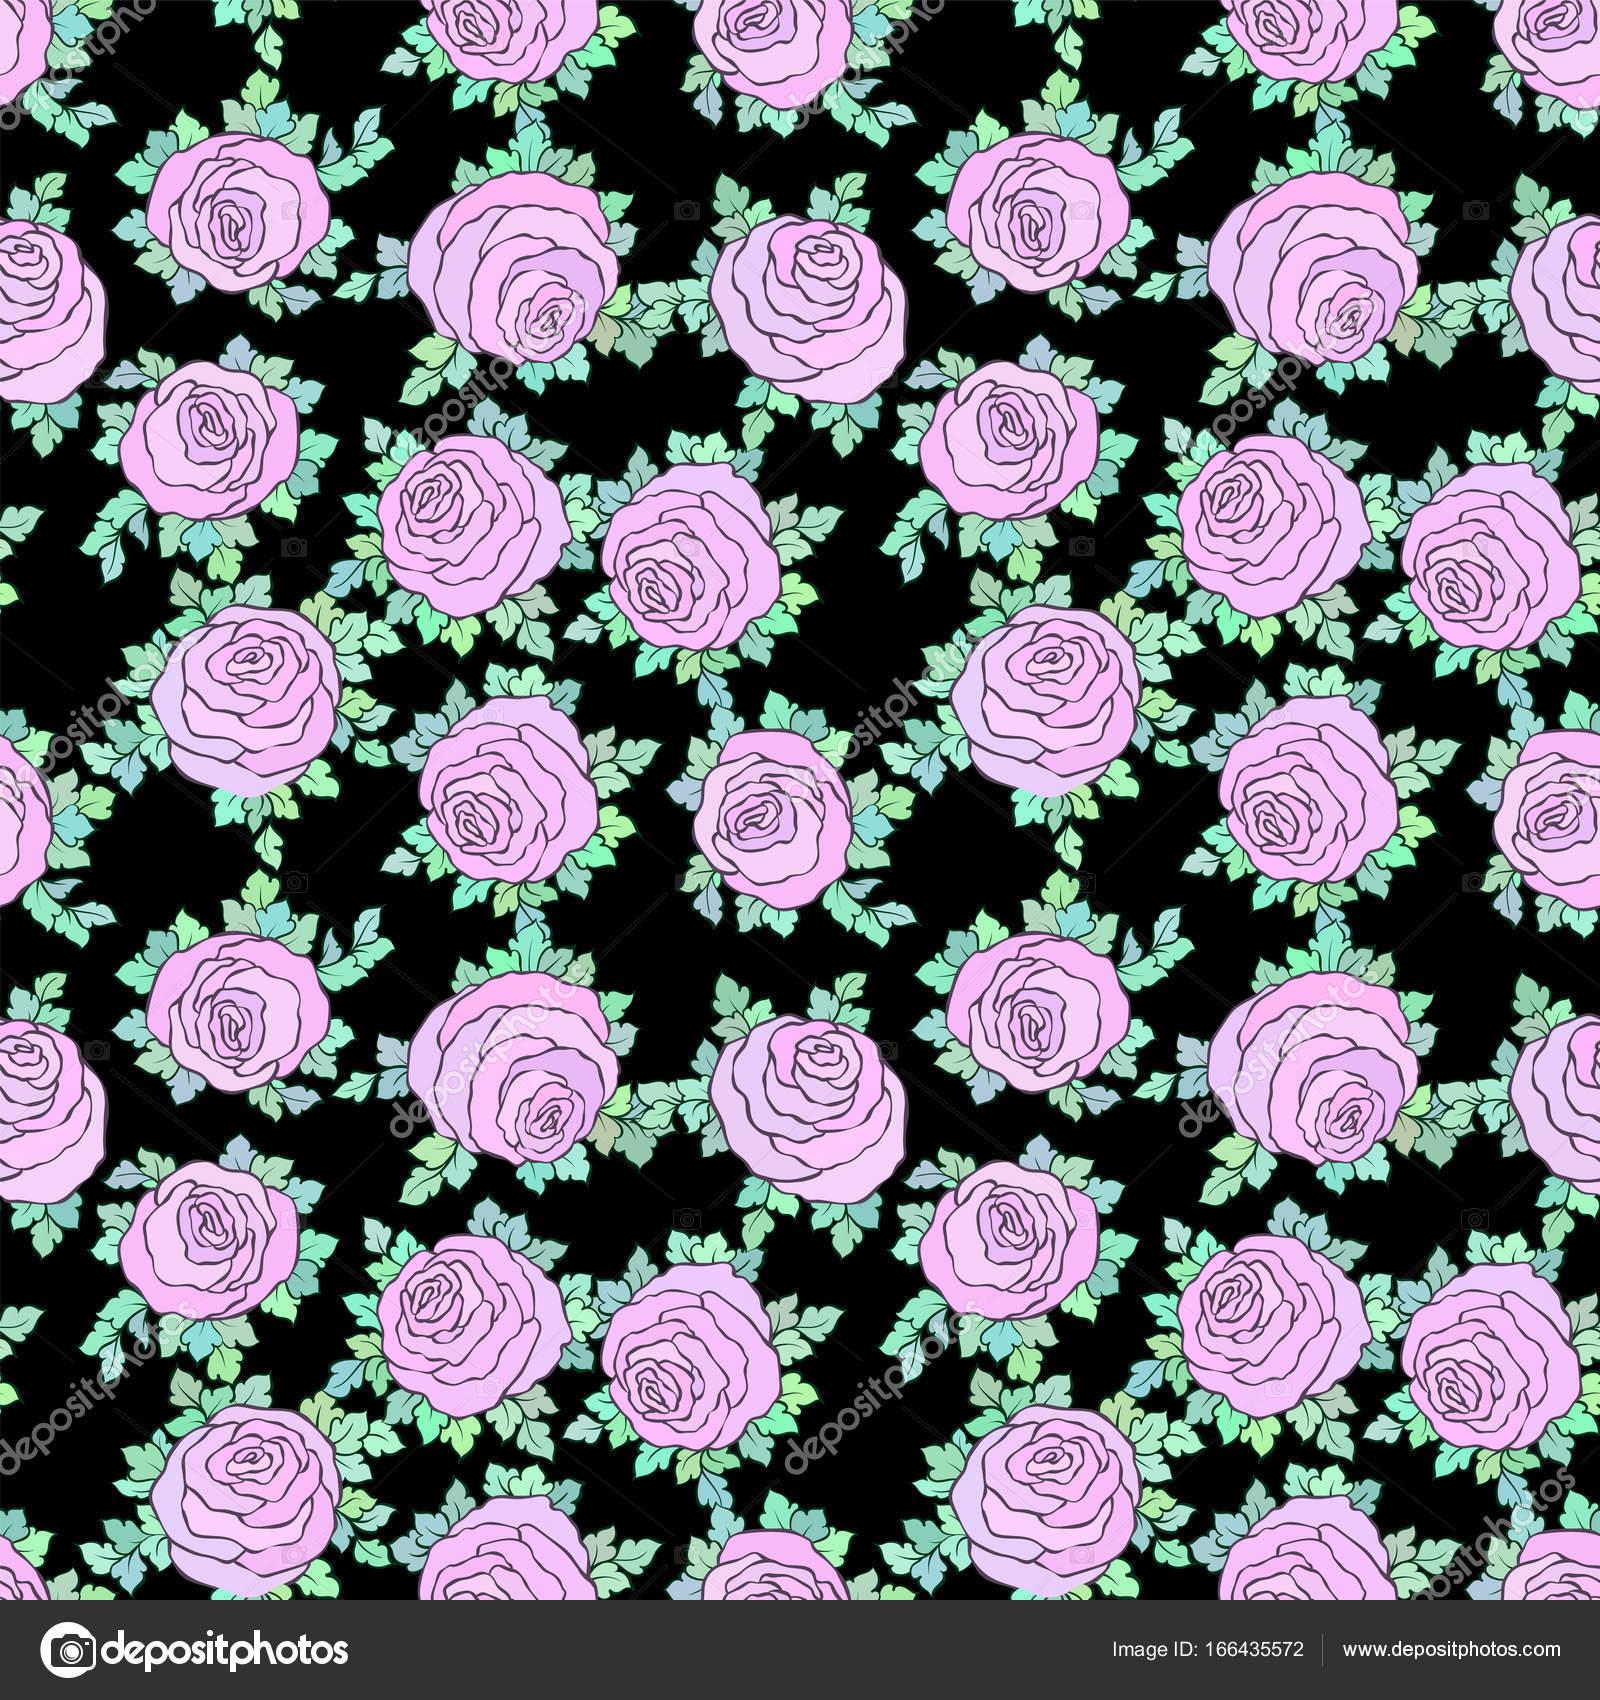 Floral Lumineux Papier Peint Decoratif Et De Roses Mignons Modele